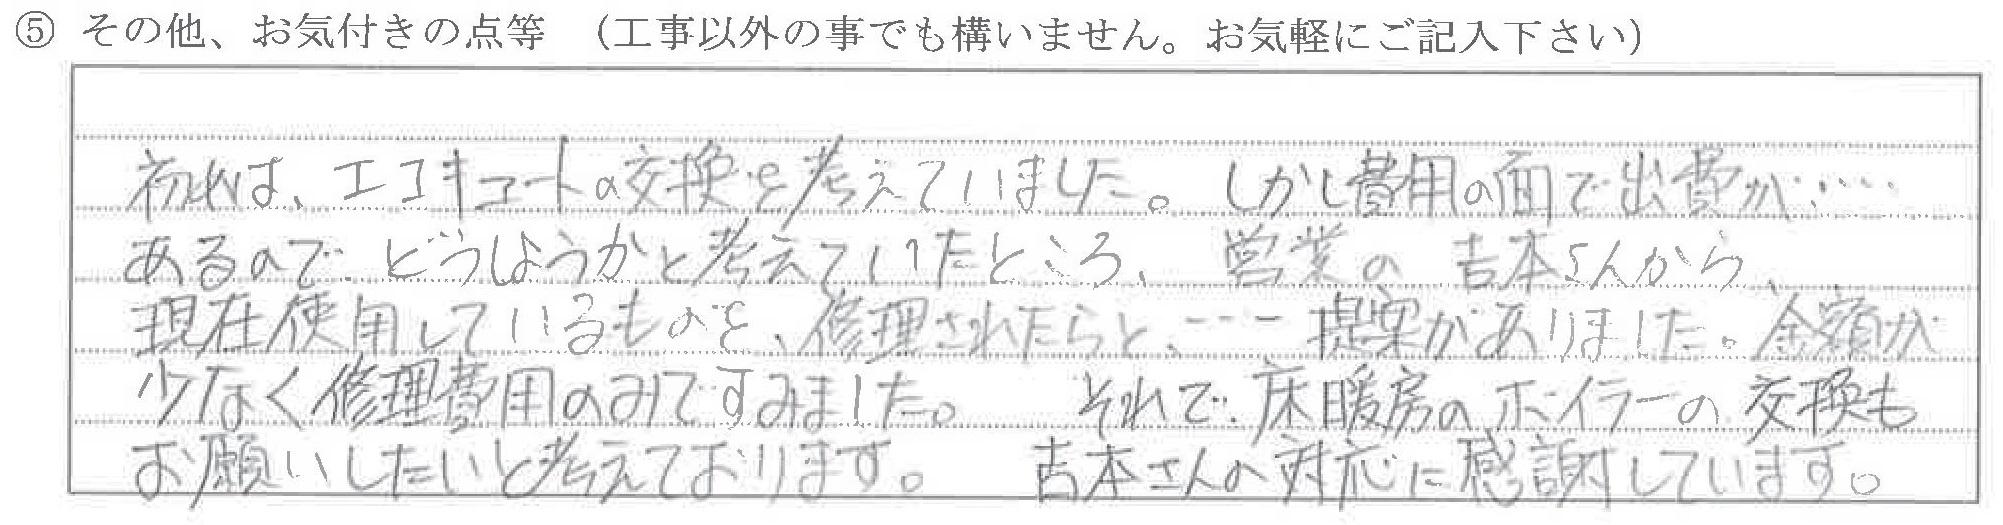 富山県中新川郡M様に頂いた減圧弁交換についてのお気づきの点がありましたら、お聞かせ下さい。というご質問について「減圧弁交換【お喜びの声】」というお声についての画像